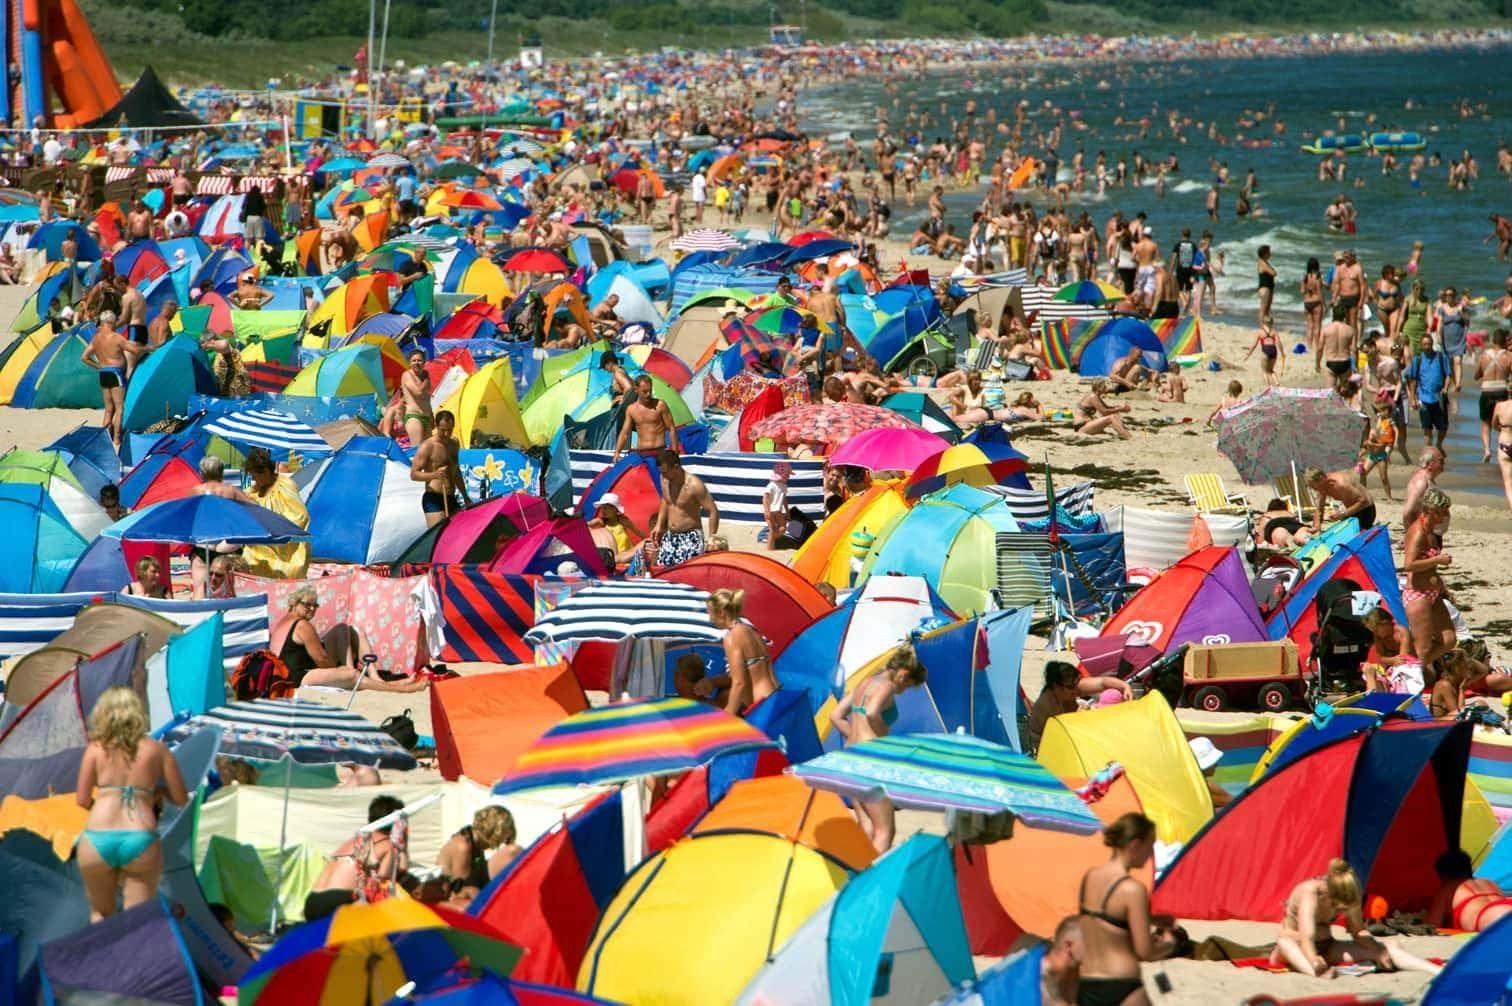 <p>Urlauber nutzen das sonnige Wetter zum Sonnenbad